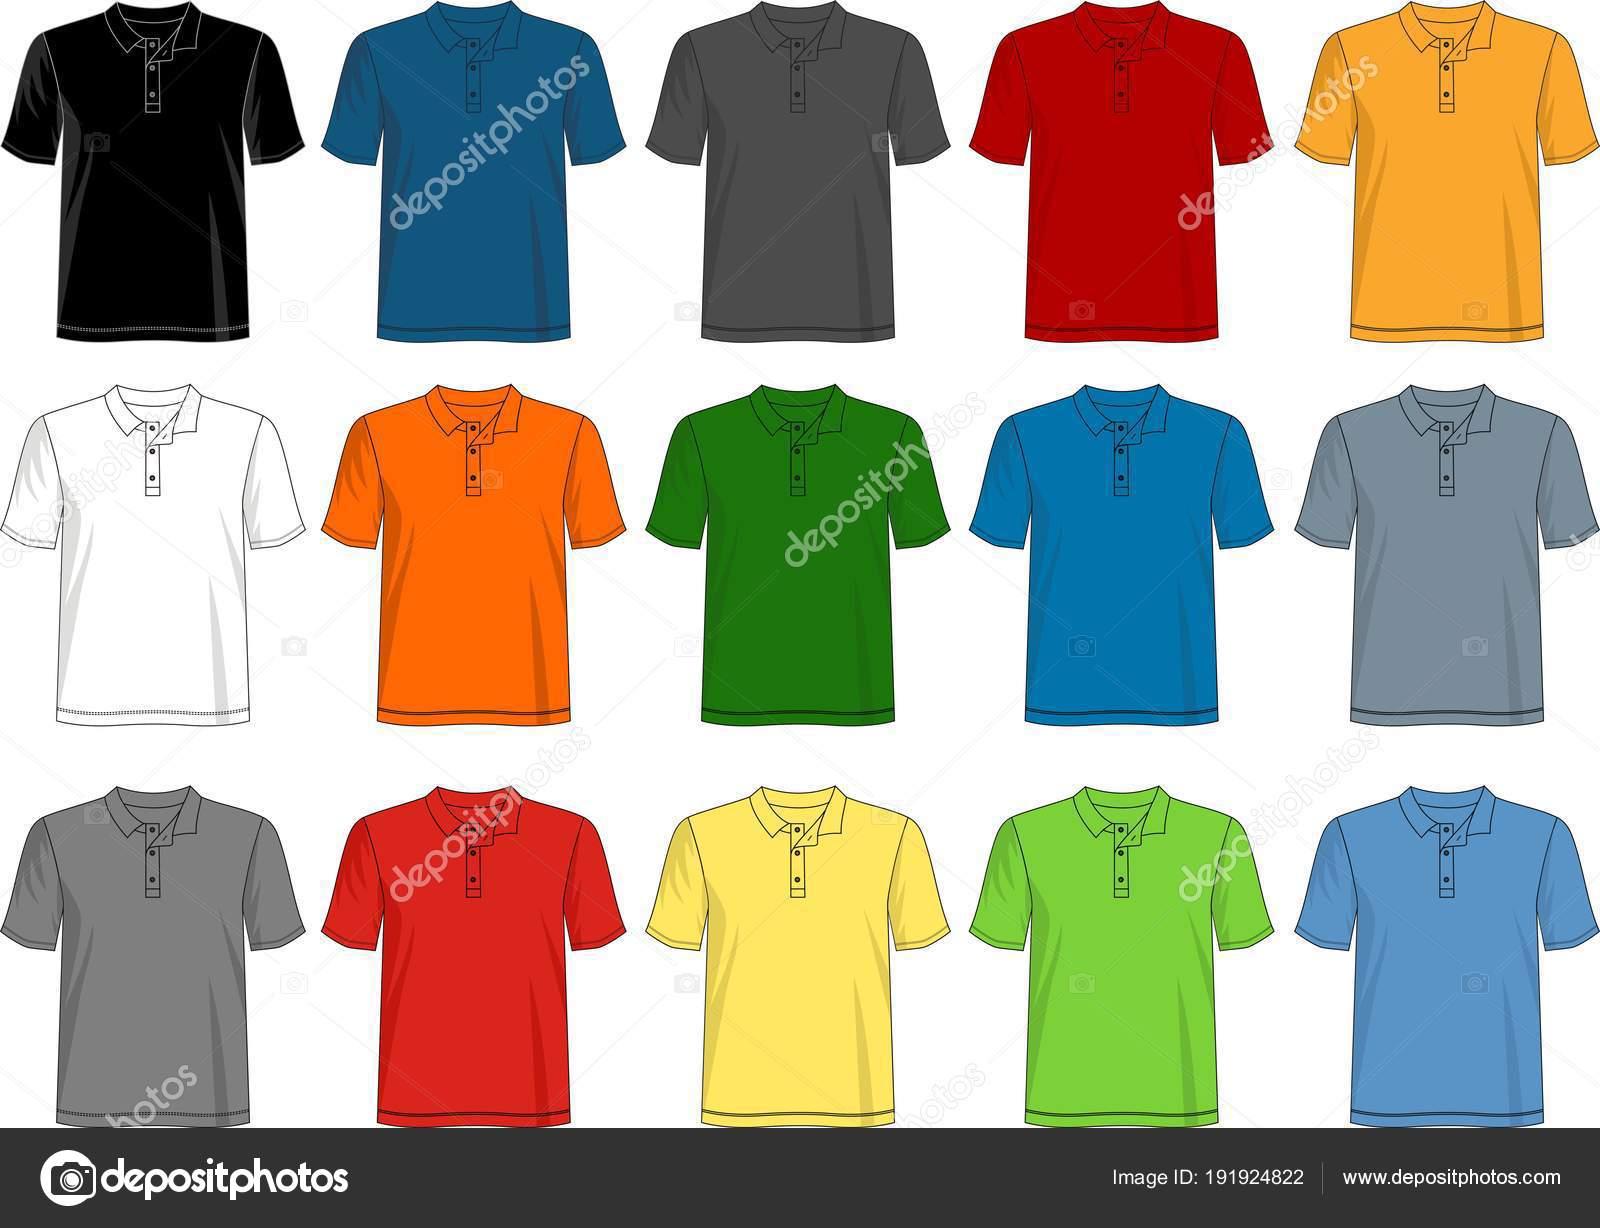 Διάνυσμα πρότυπο πουκάμισο t σχεδίασης αντρικό πουκάμισο t με χρώμα μαύρο  Λευκή κόκκινο μπλε γκρι πορτοκαλί πράσινο– εικονογράφηση αρχείου 9b0b8be615a